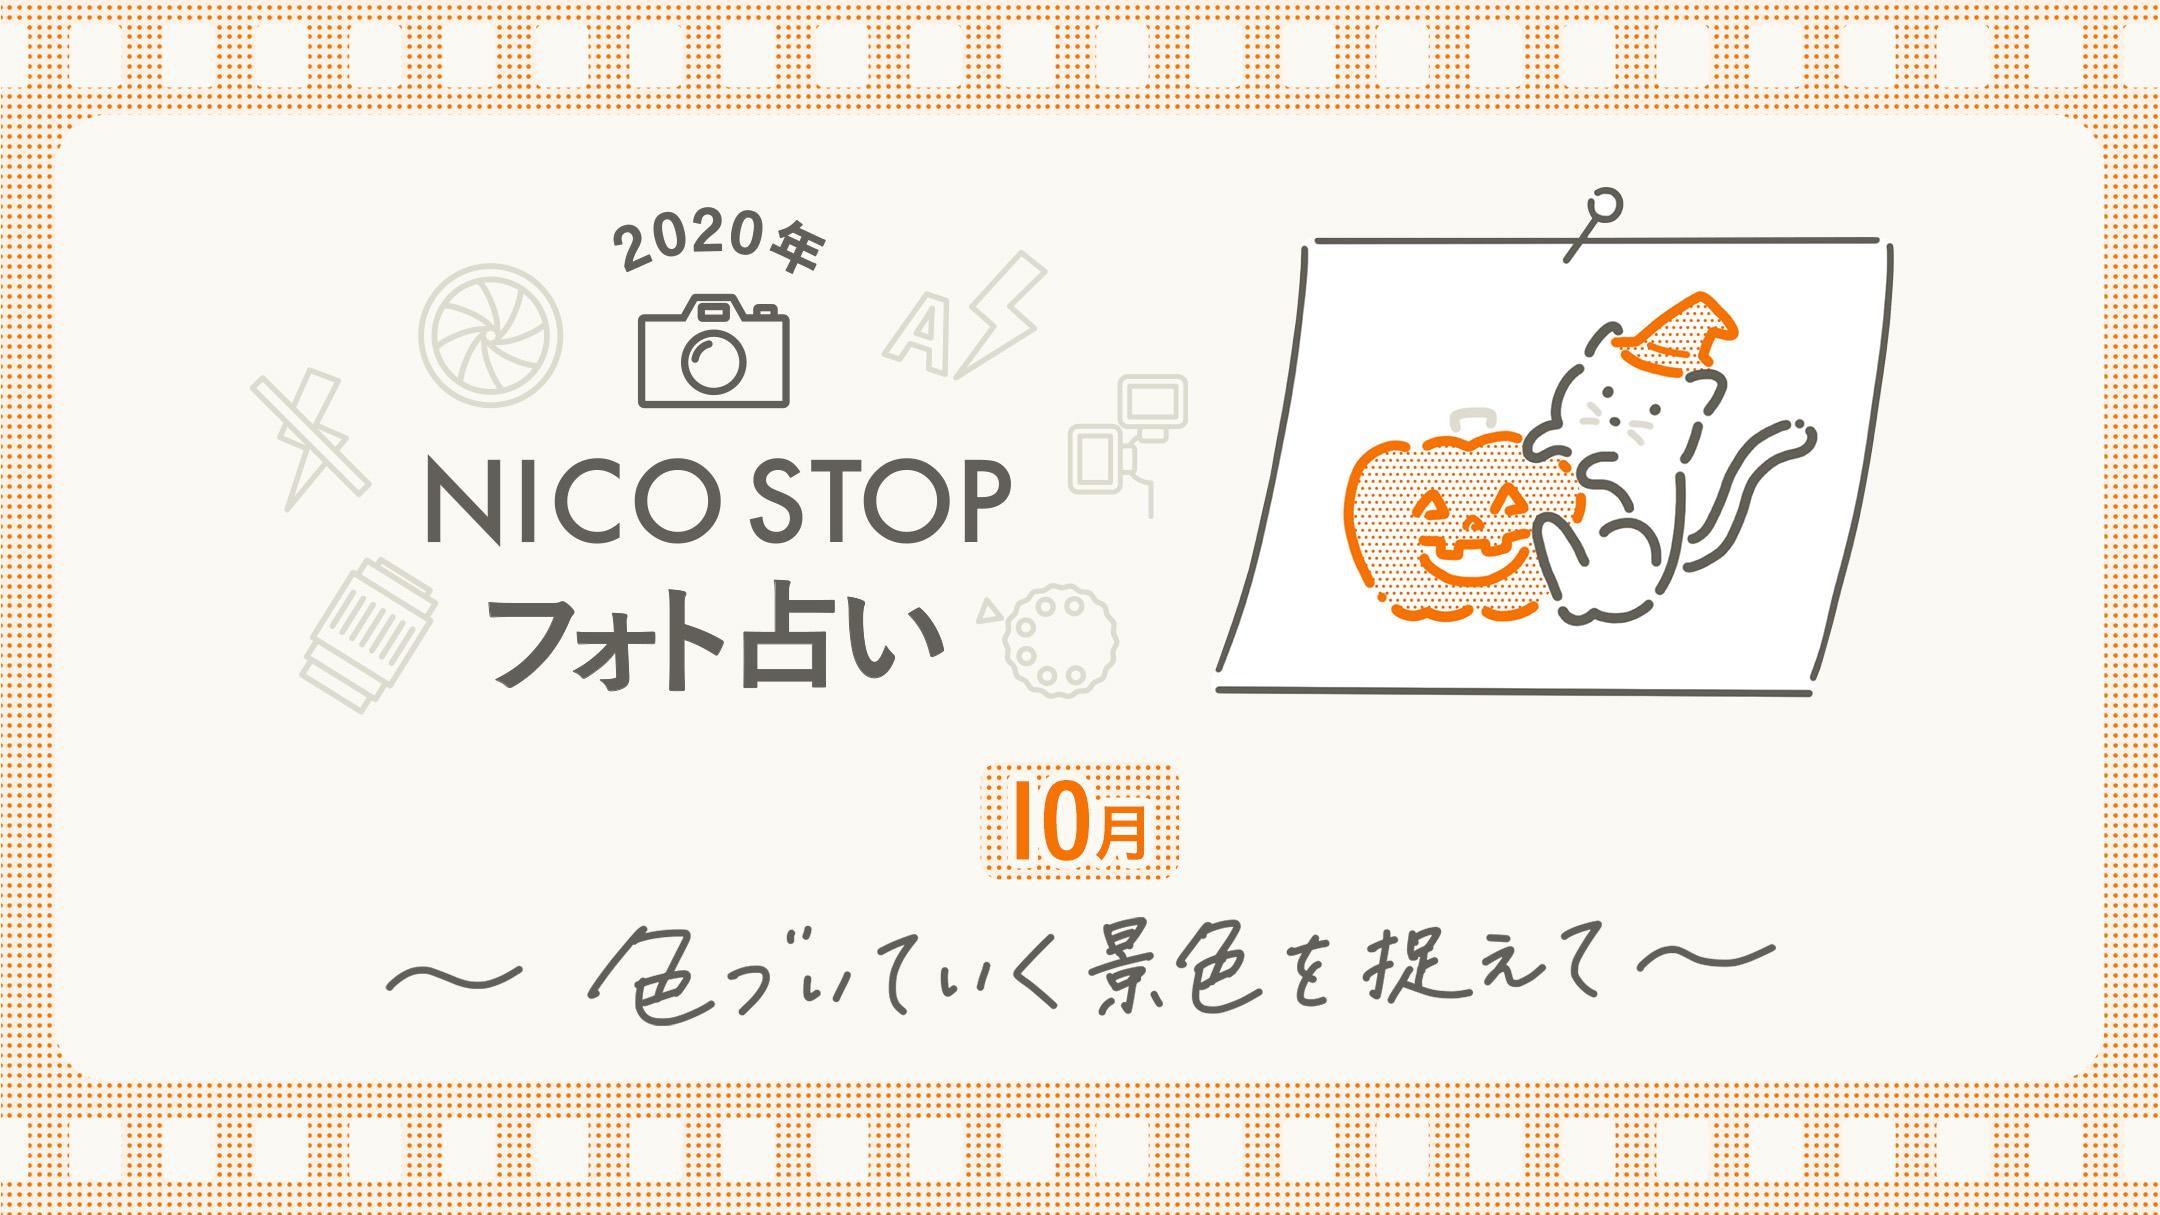 10月のNICO STOPフォト占い